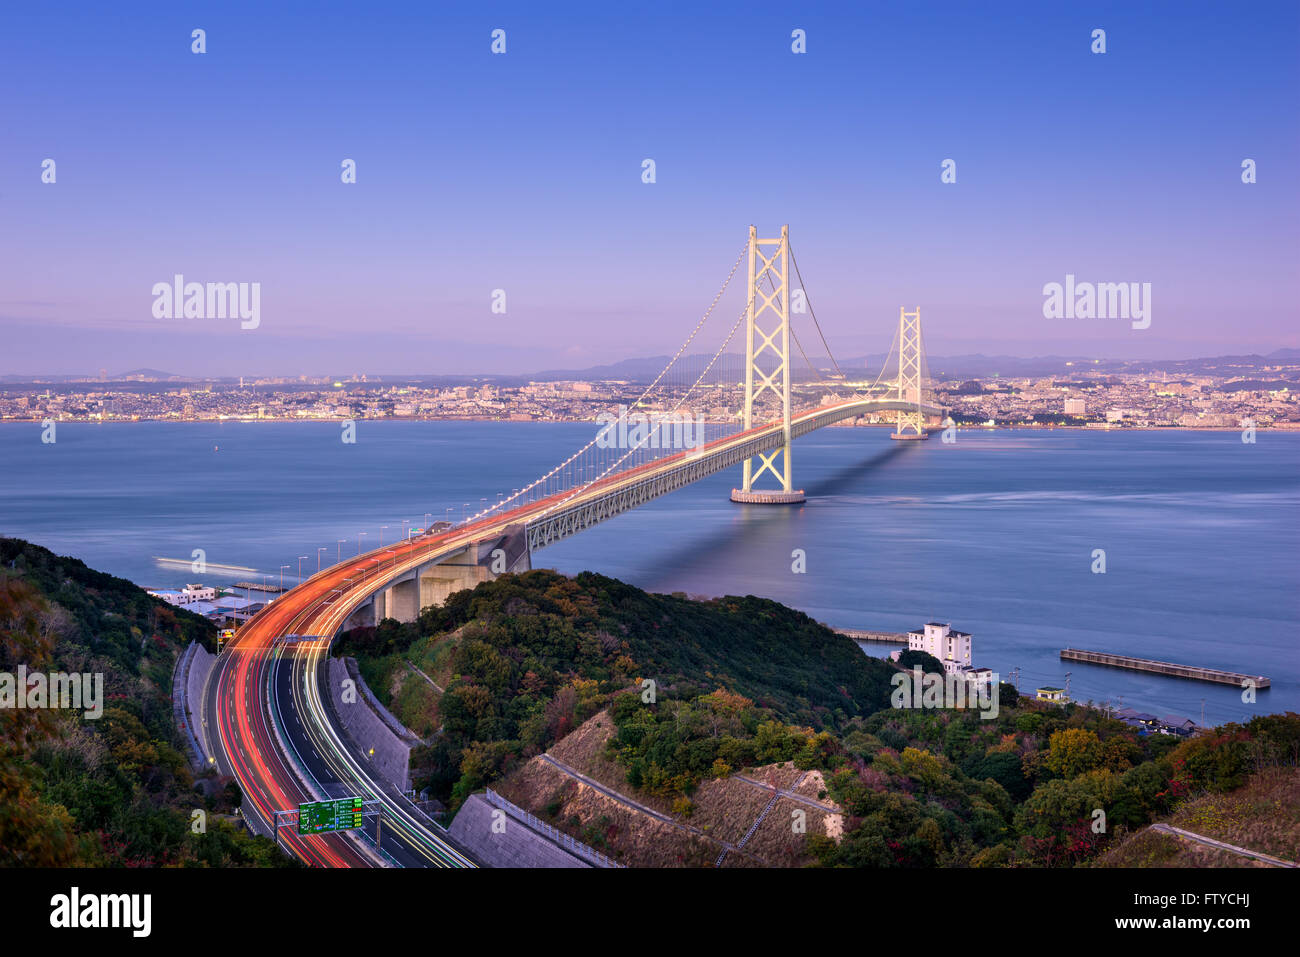 Akashi Kaikyo Bridge enjambant la Mer Intérieure de Seto de Kobe, au Japon. Banque D'Images